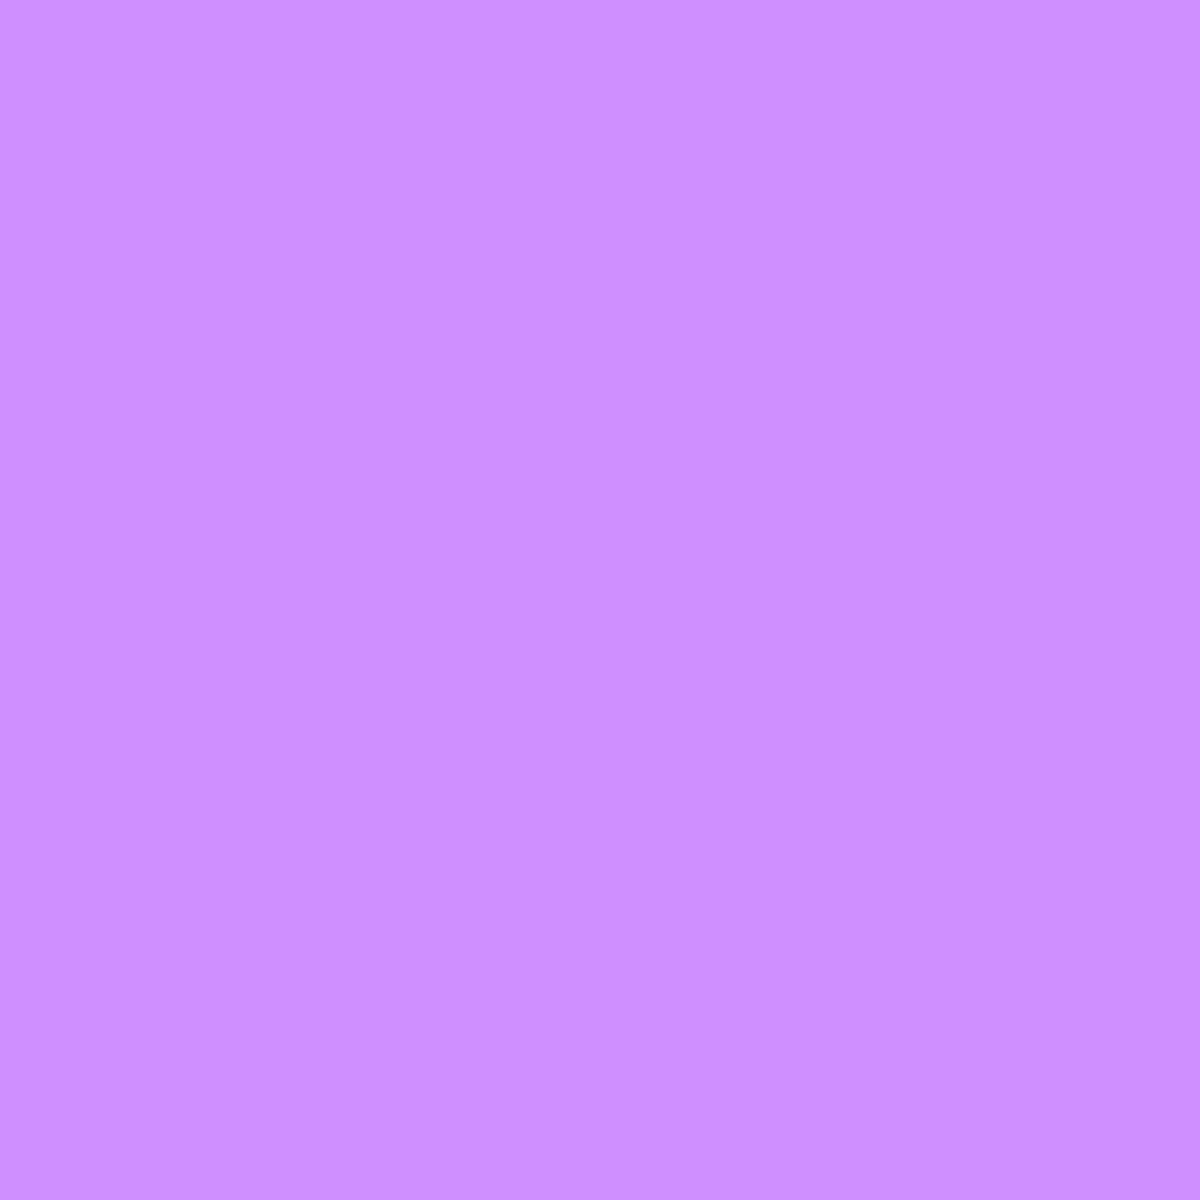 カラー 背景 パステル